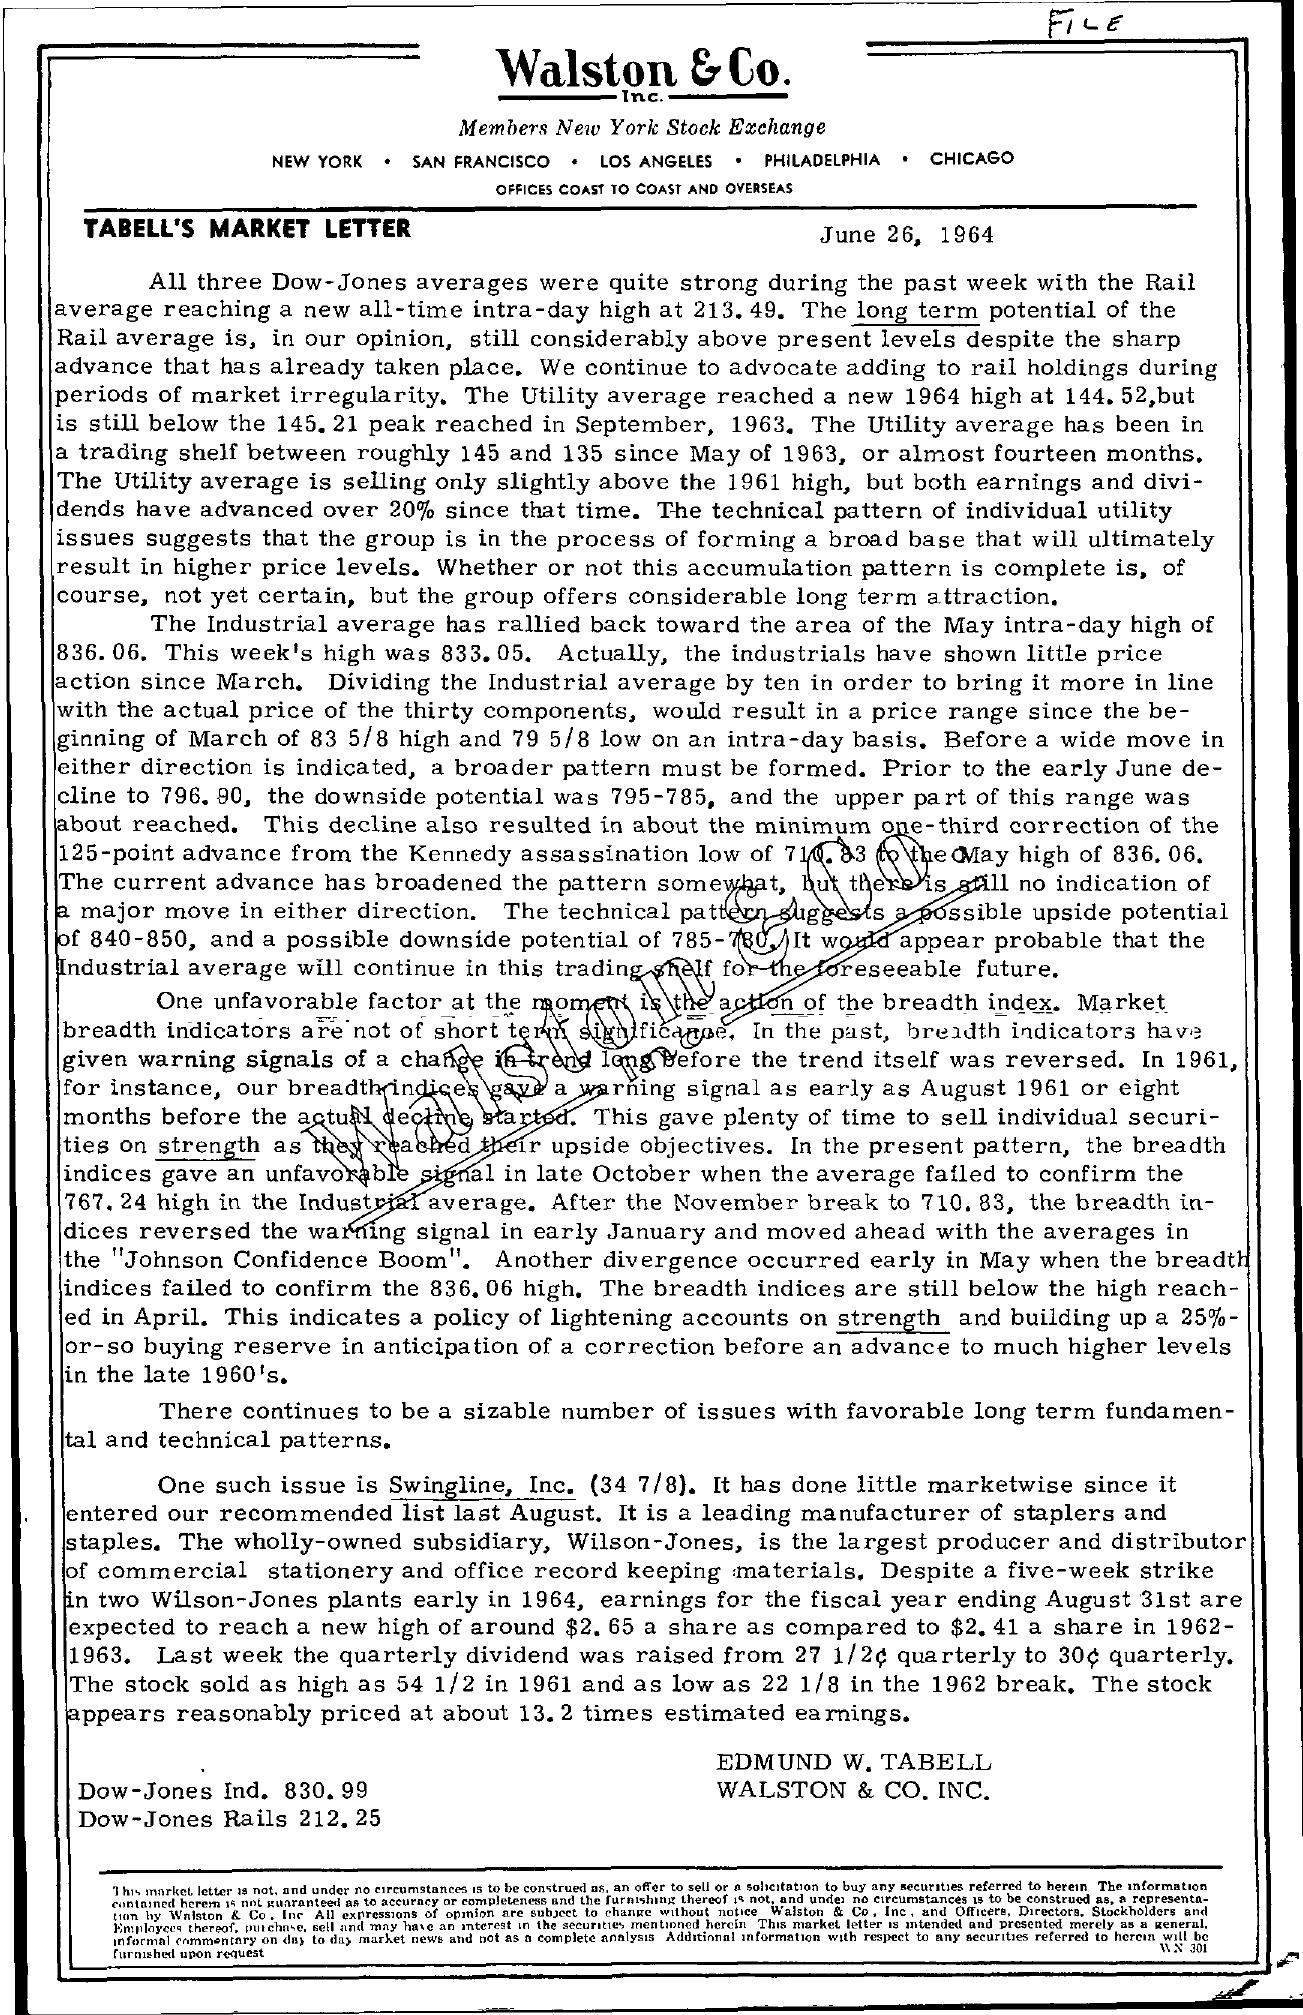 Tabell's Market Letter - June 26, 1964